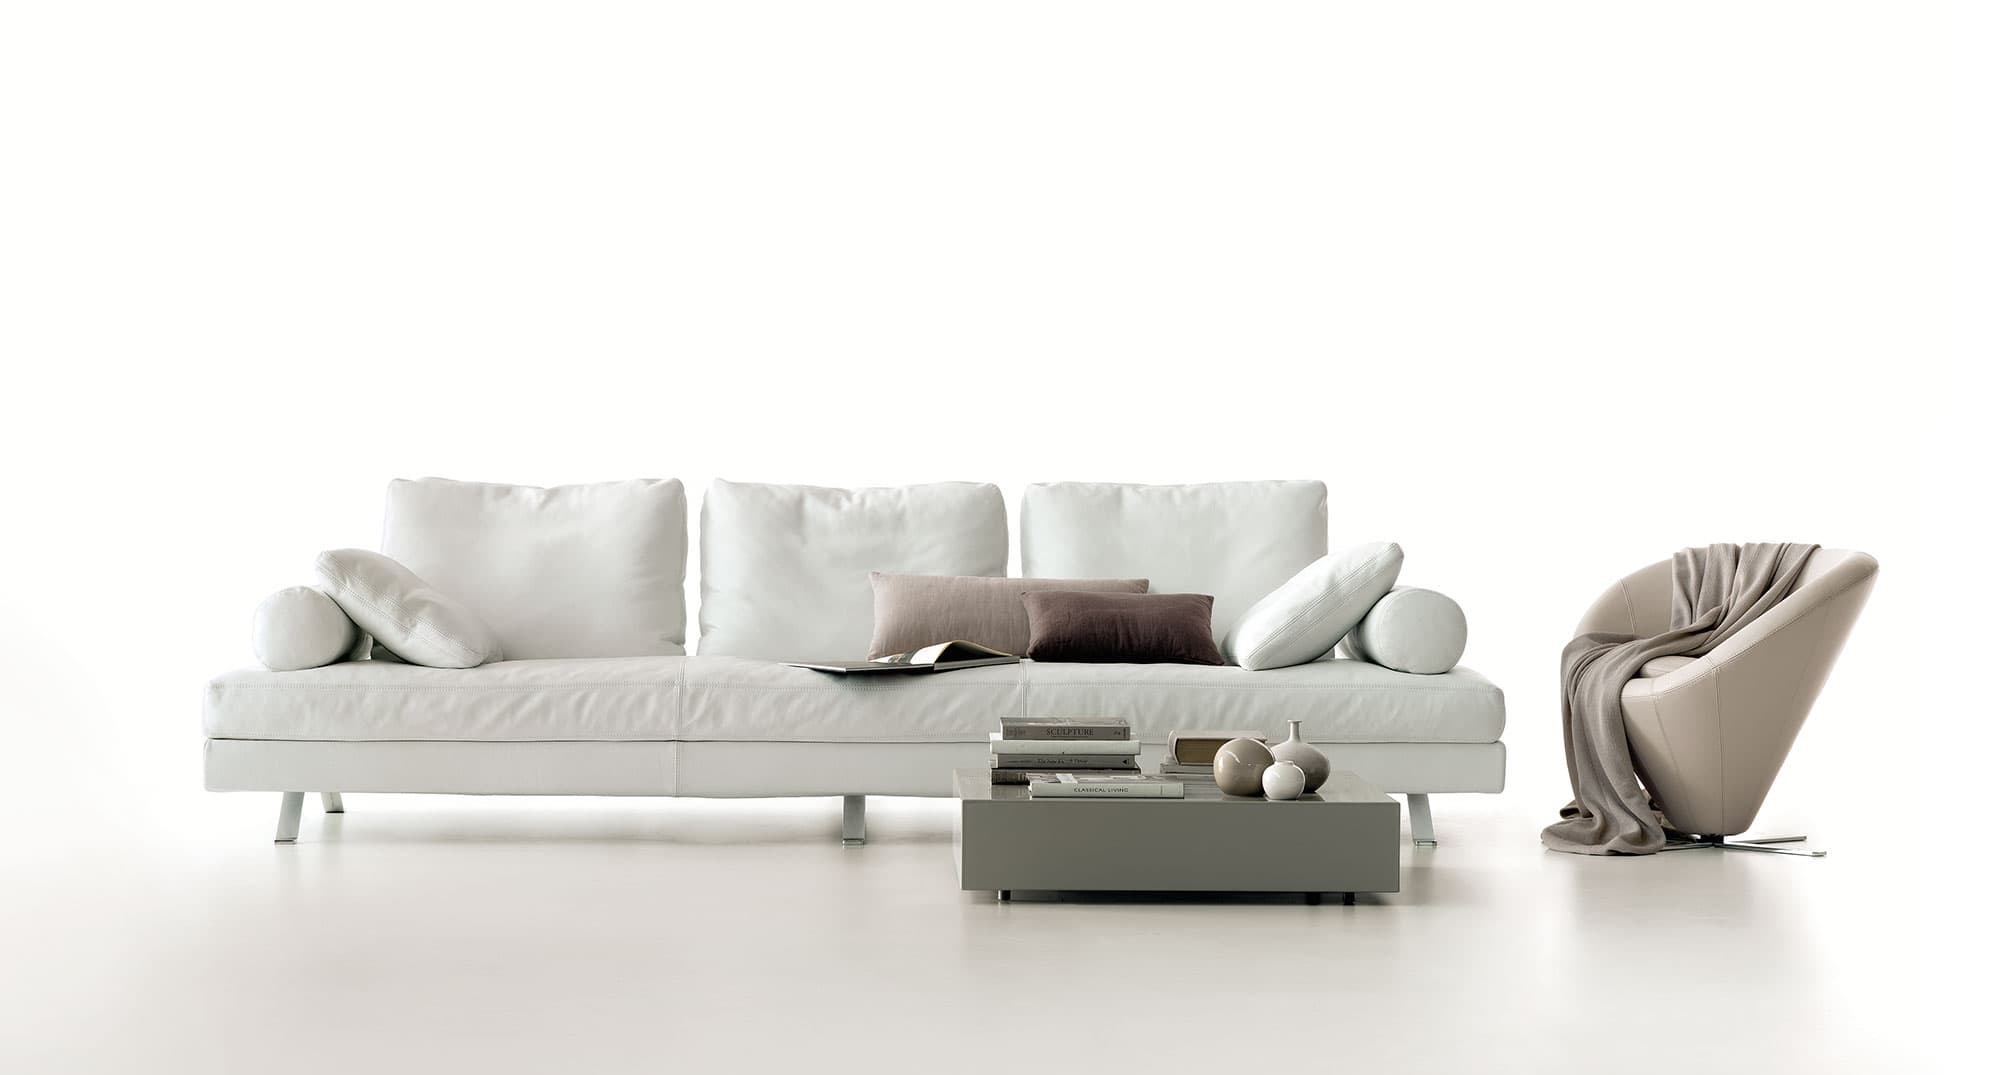 Divani misure accessori e divano letto angolare with for Misure divani